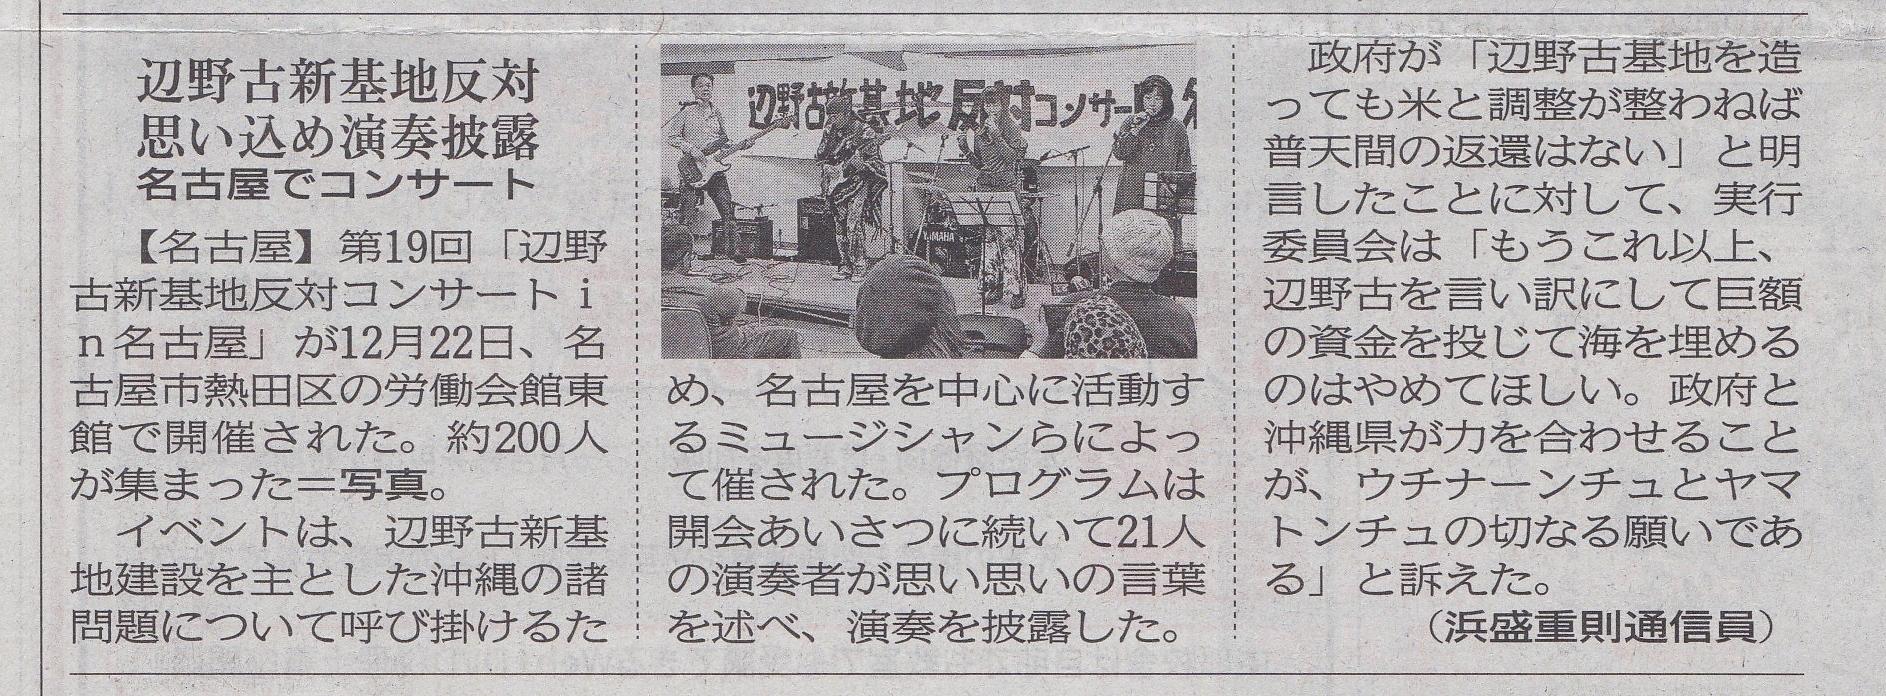 琉球新報20200104